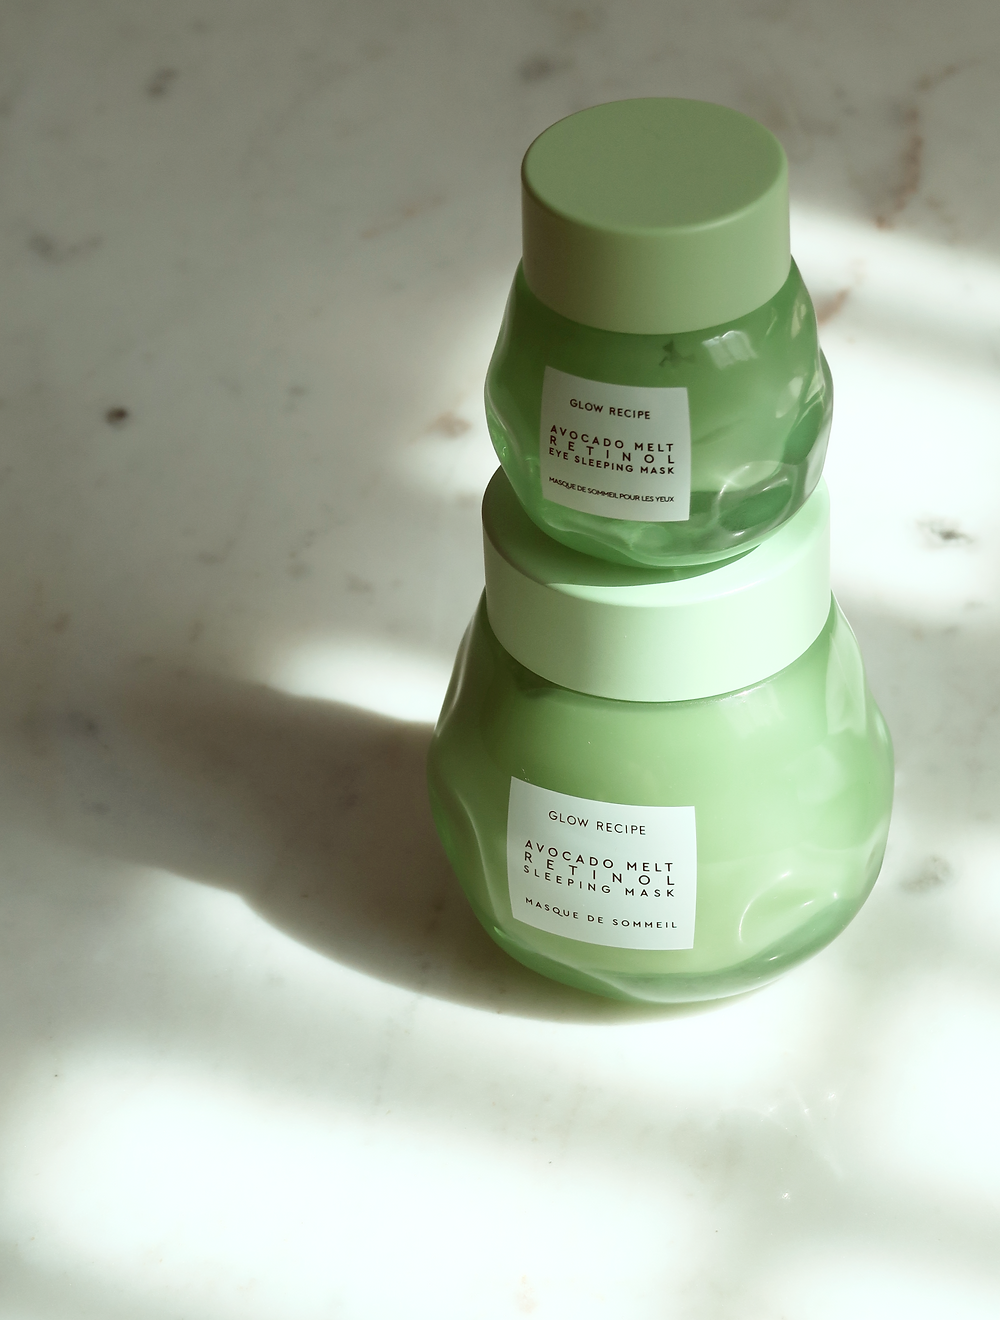 Glow Recipe Avocado Melt Retinol Face Mask Review